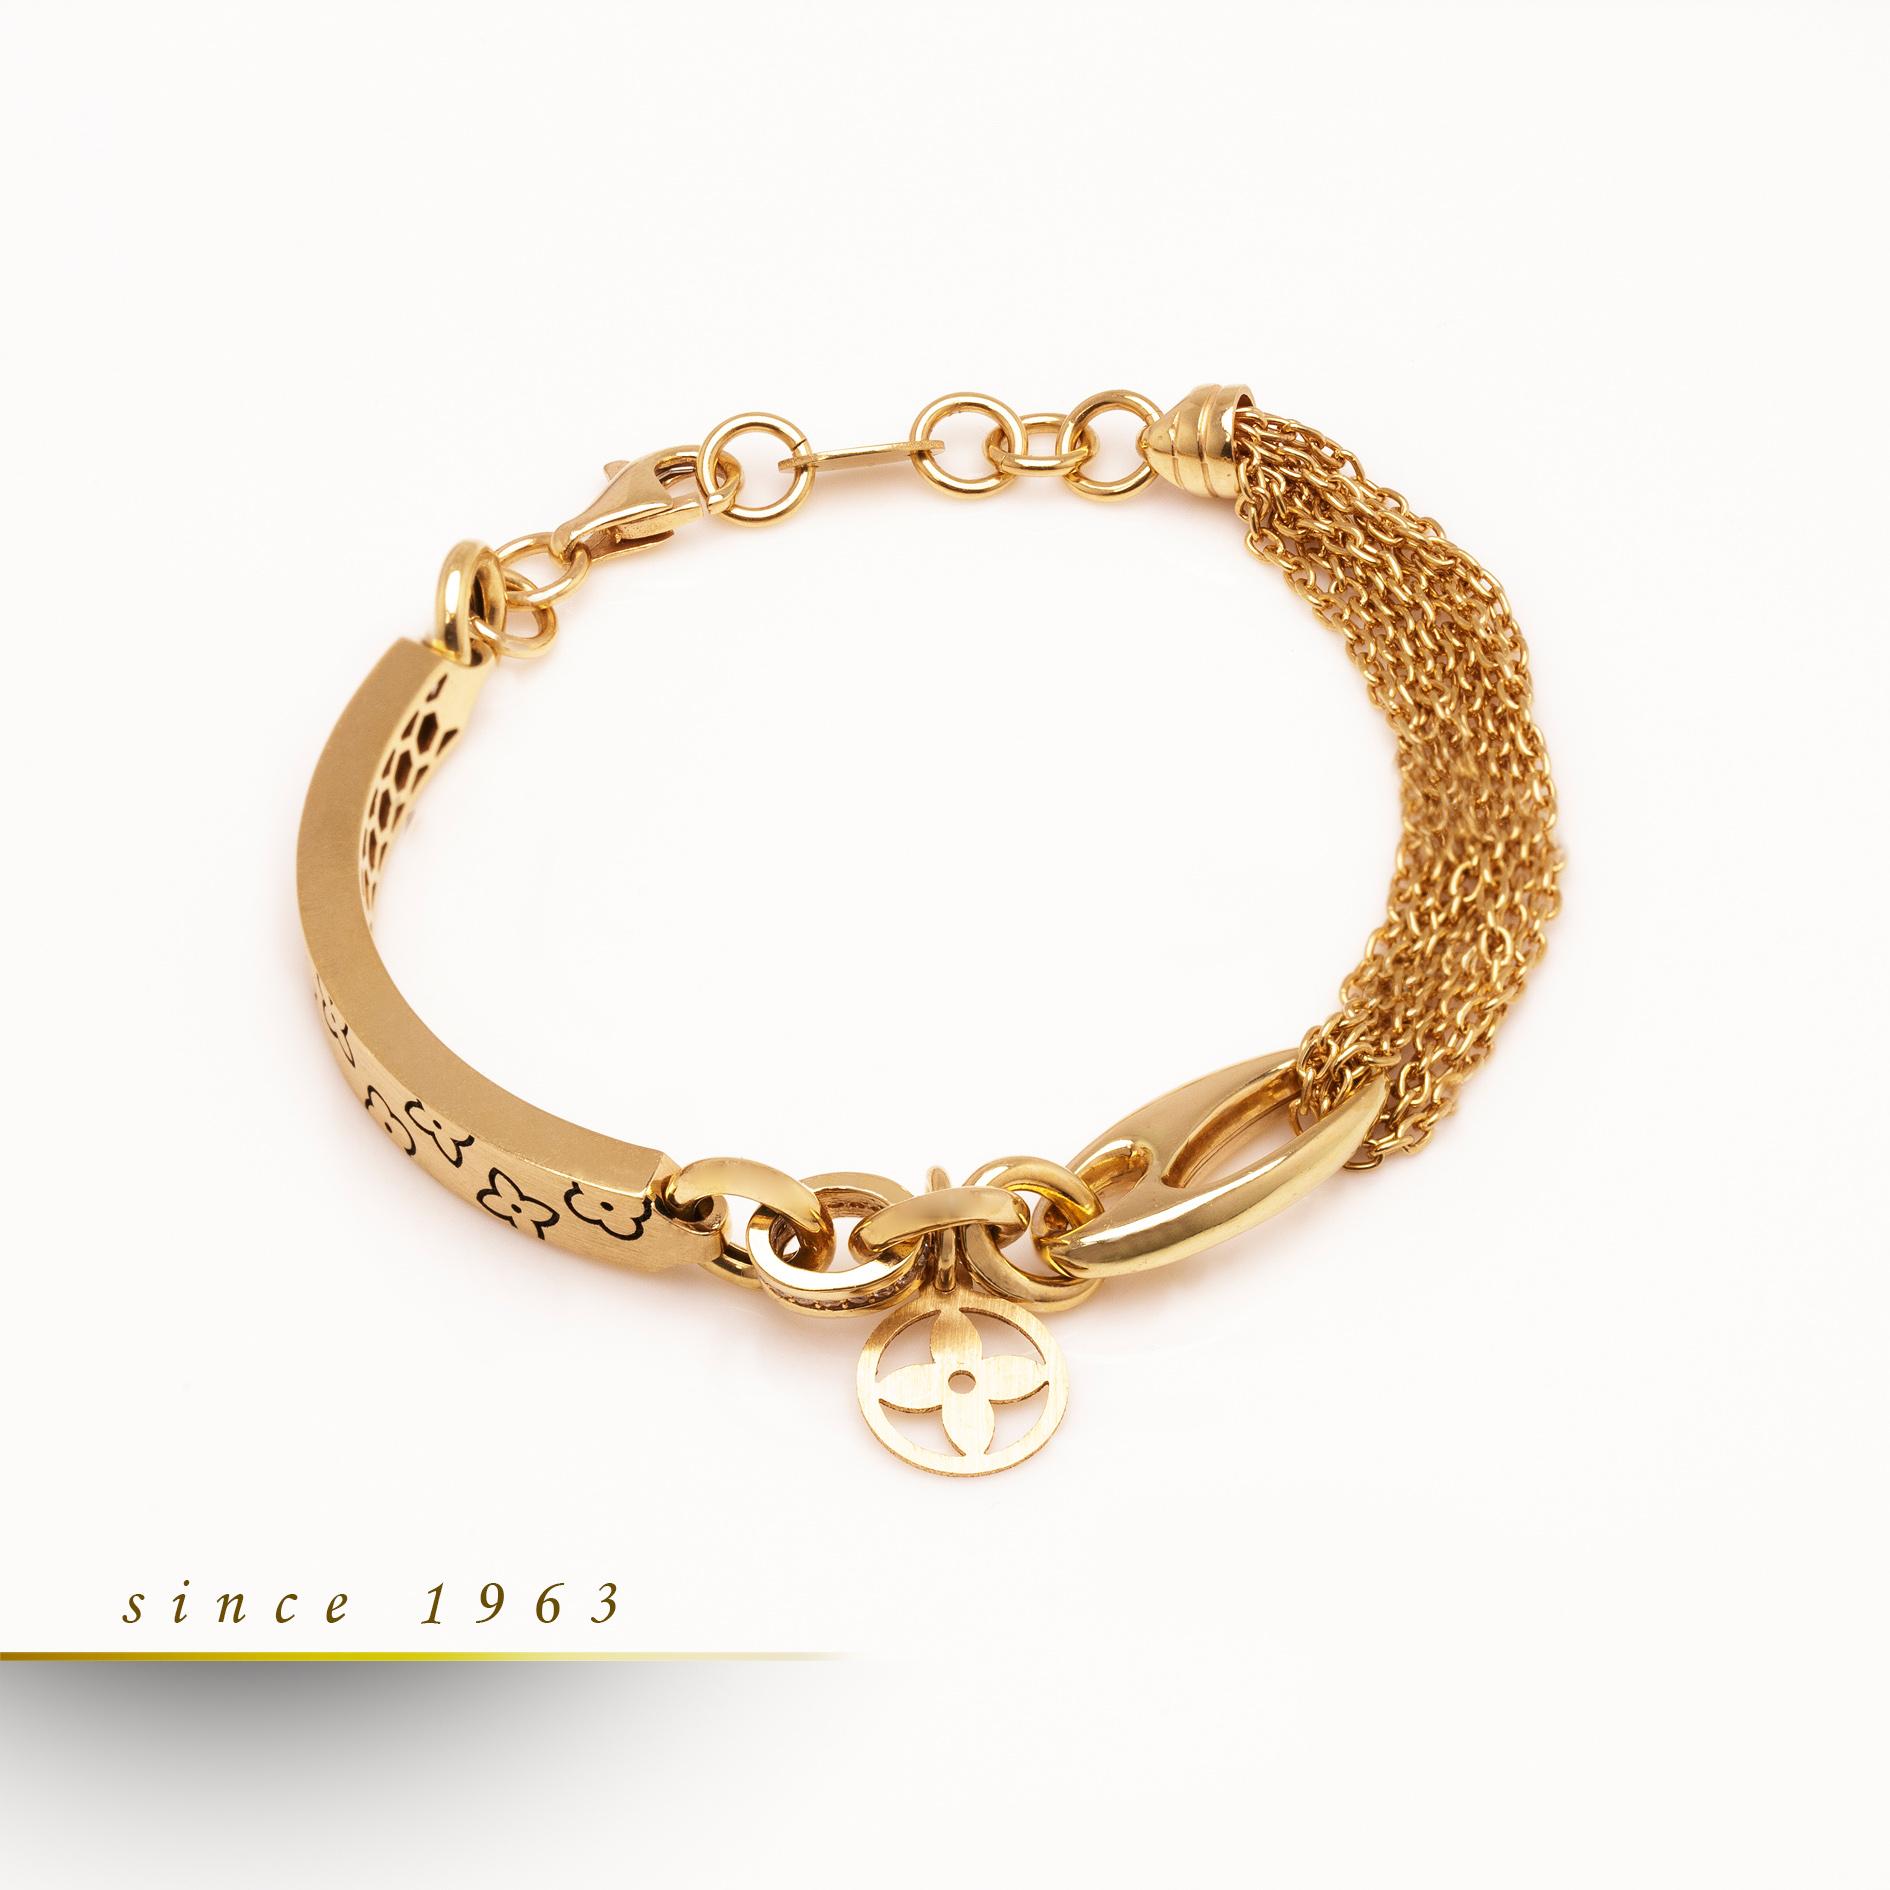 گالری ربیعی - خرید آنلاین طلا - خرید طلا لوکس -, , دستبند لنویز